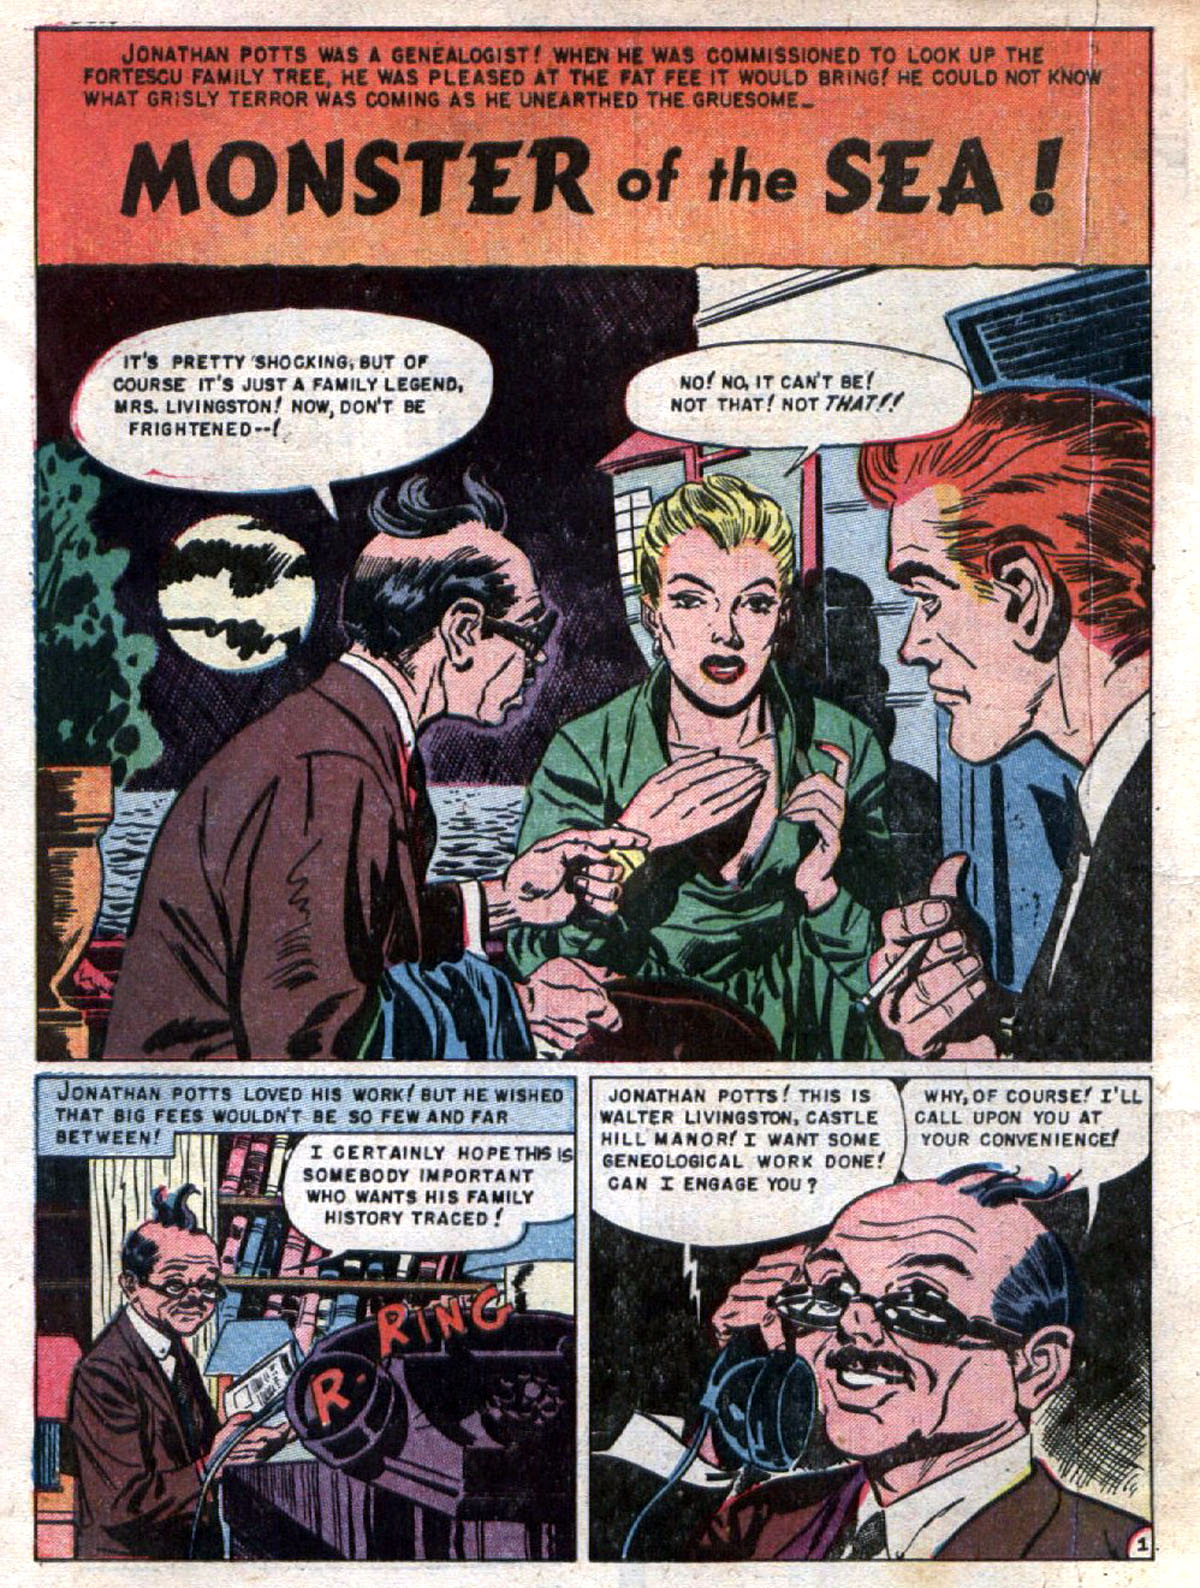 MonsterOfSea1